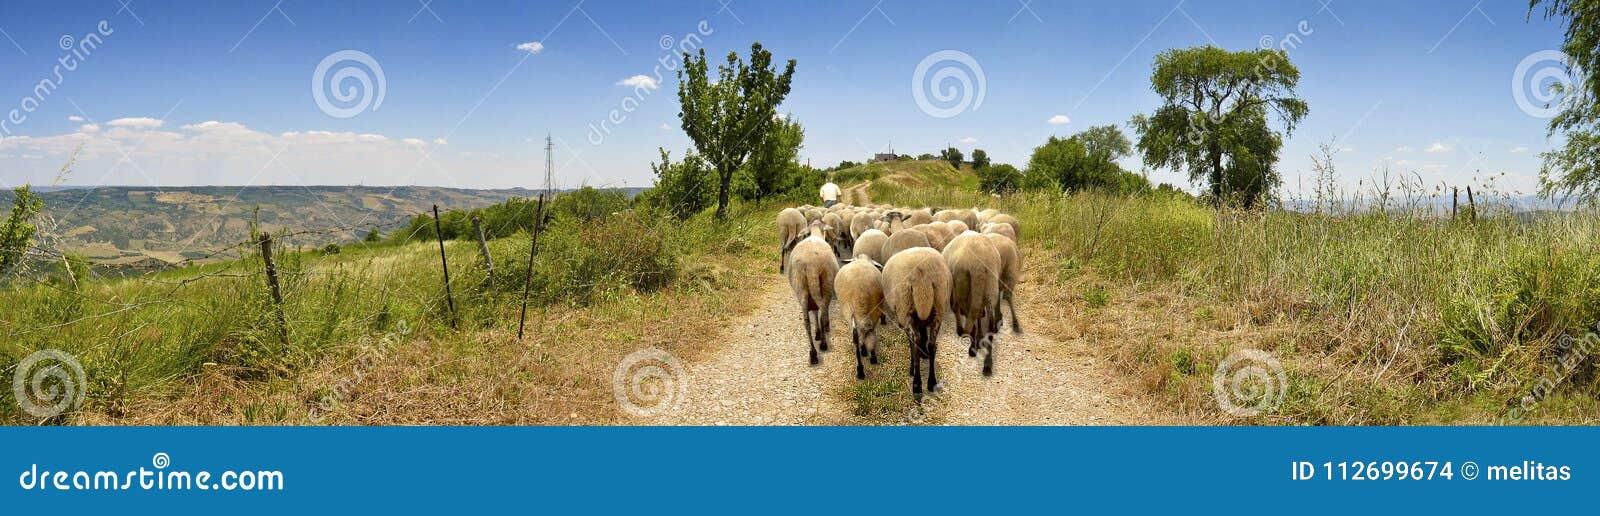 Carretera nacional del paisaje con las ovejas y el pastor